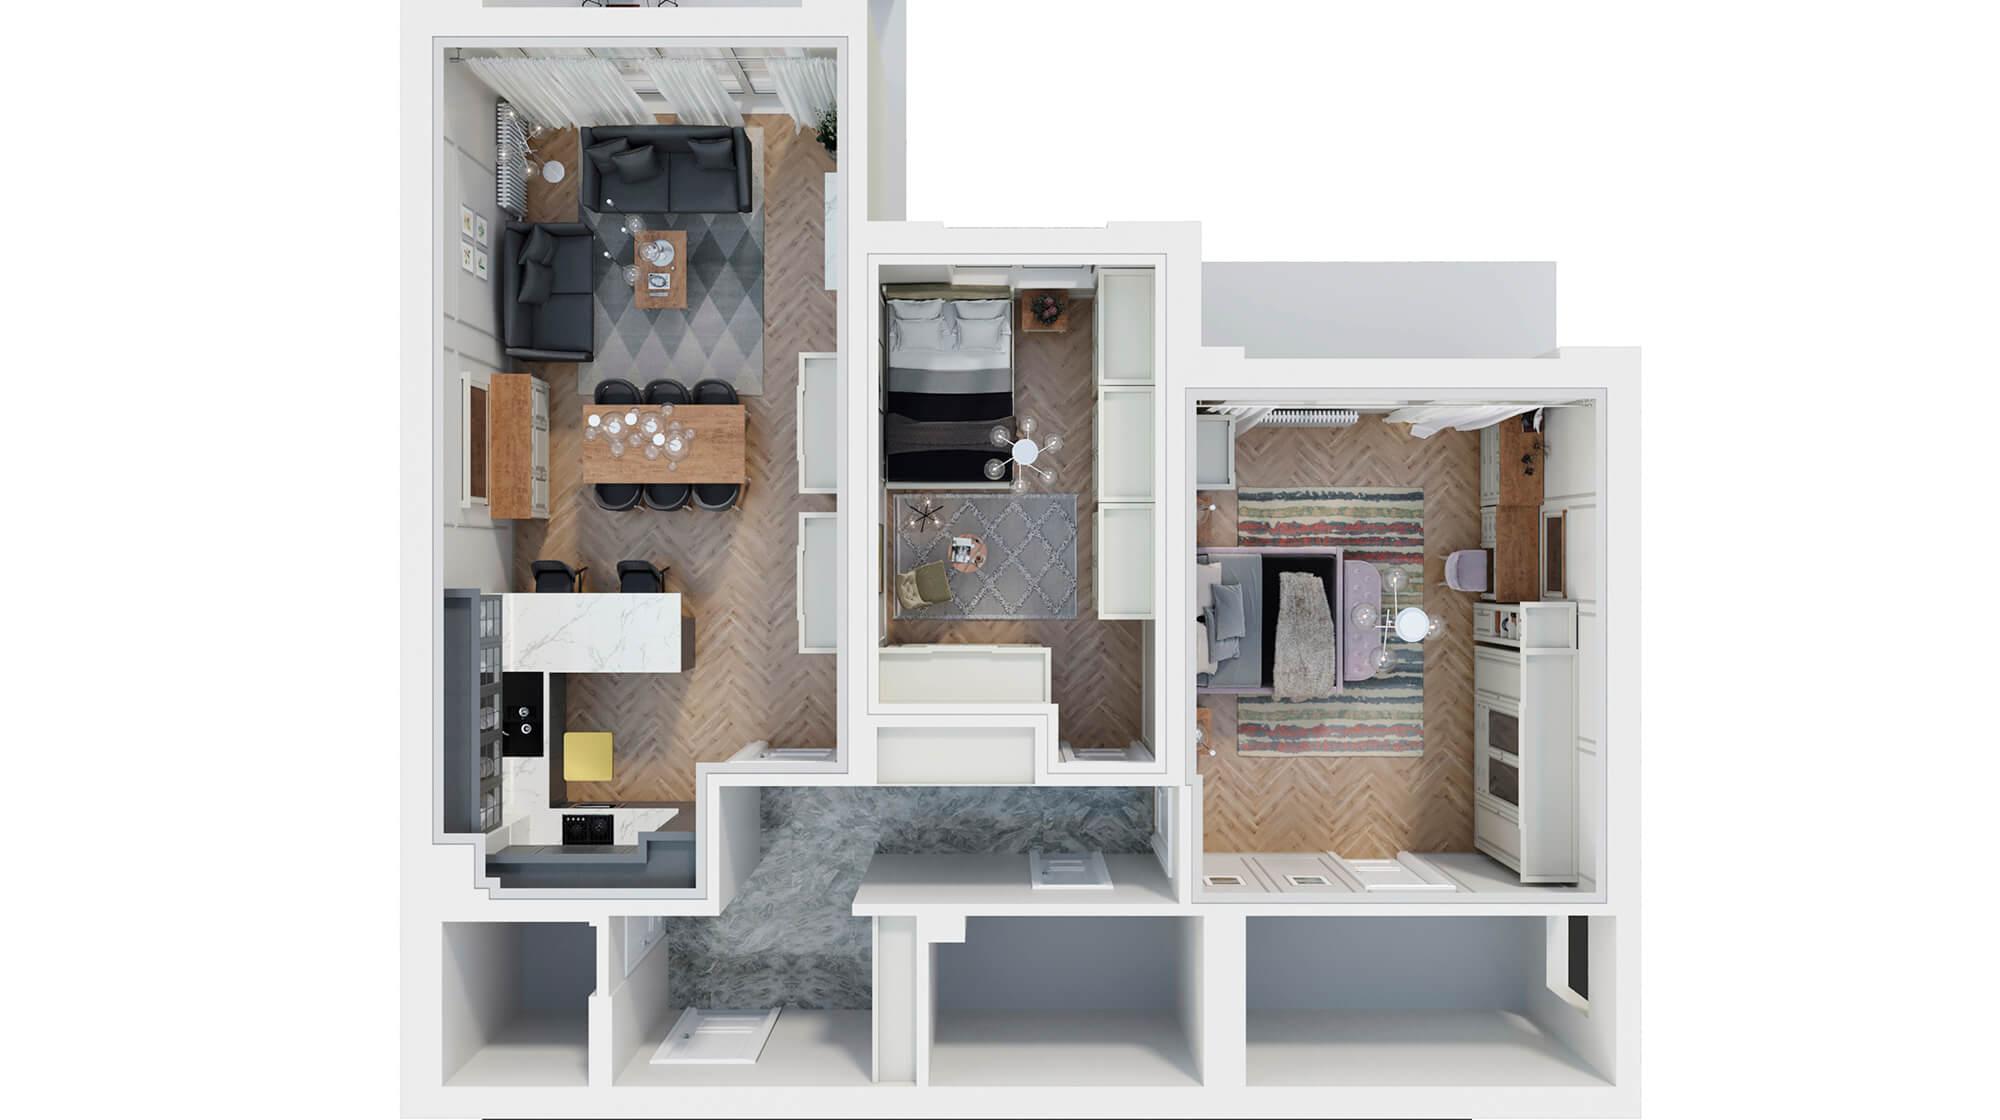 interior design floor plan top view